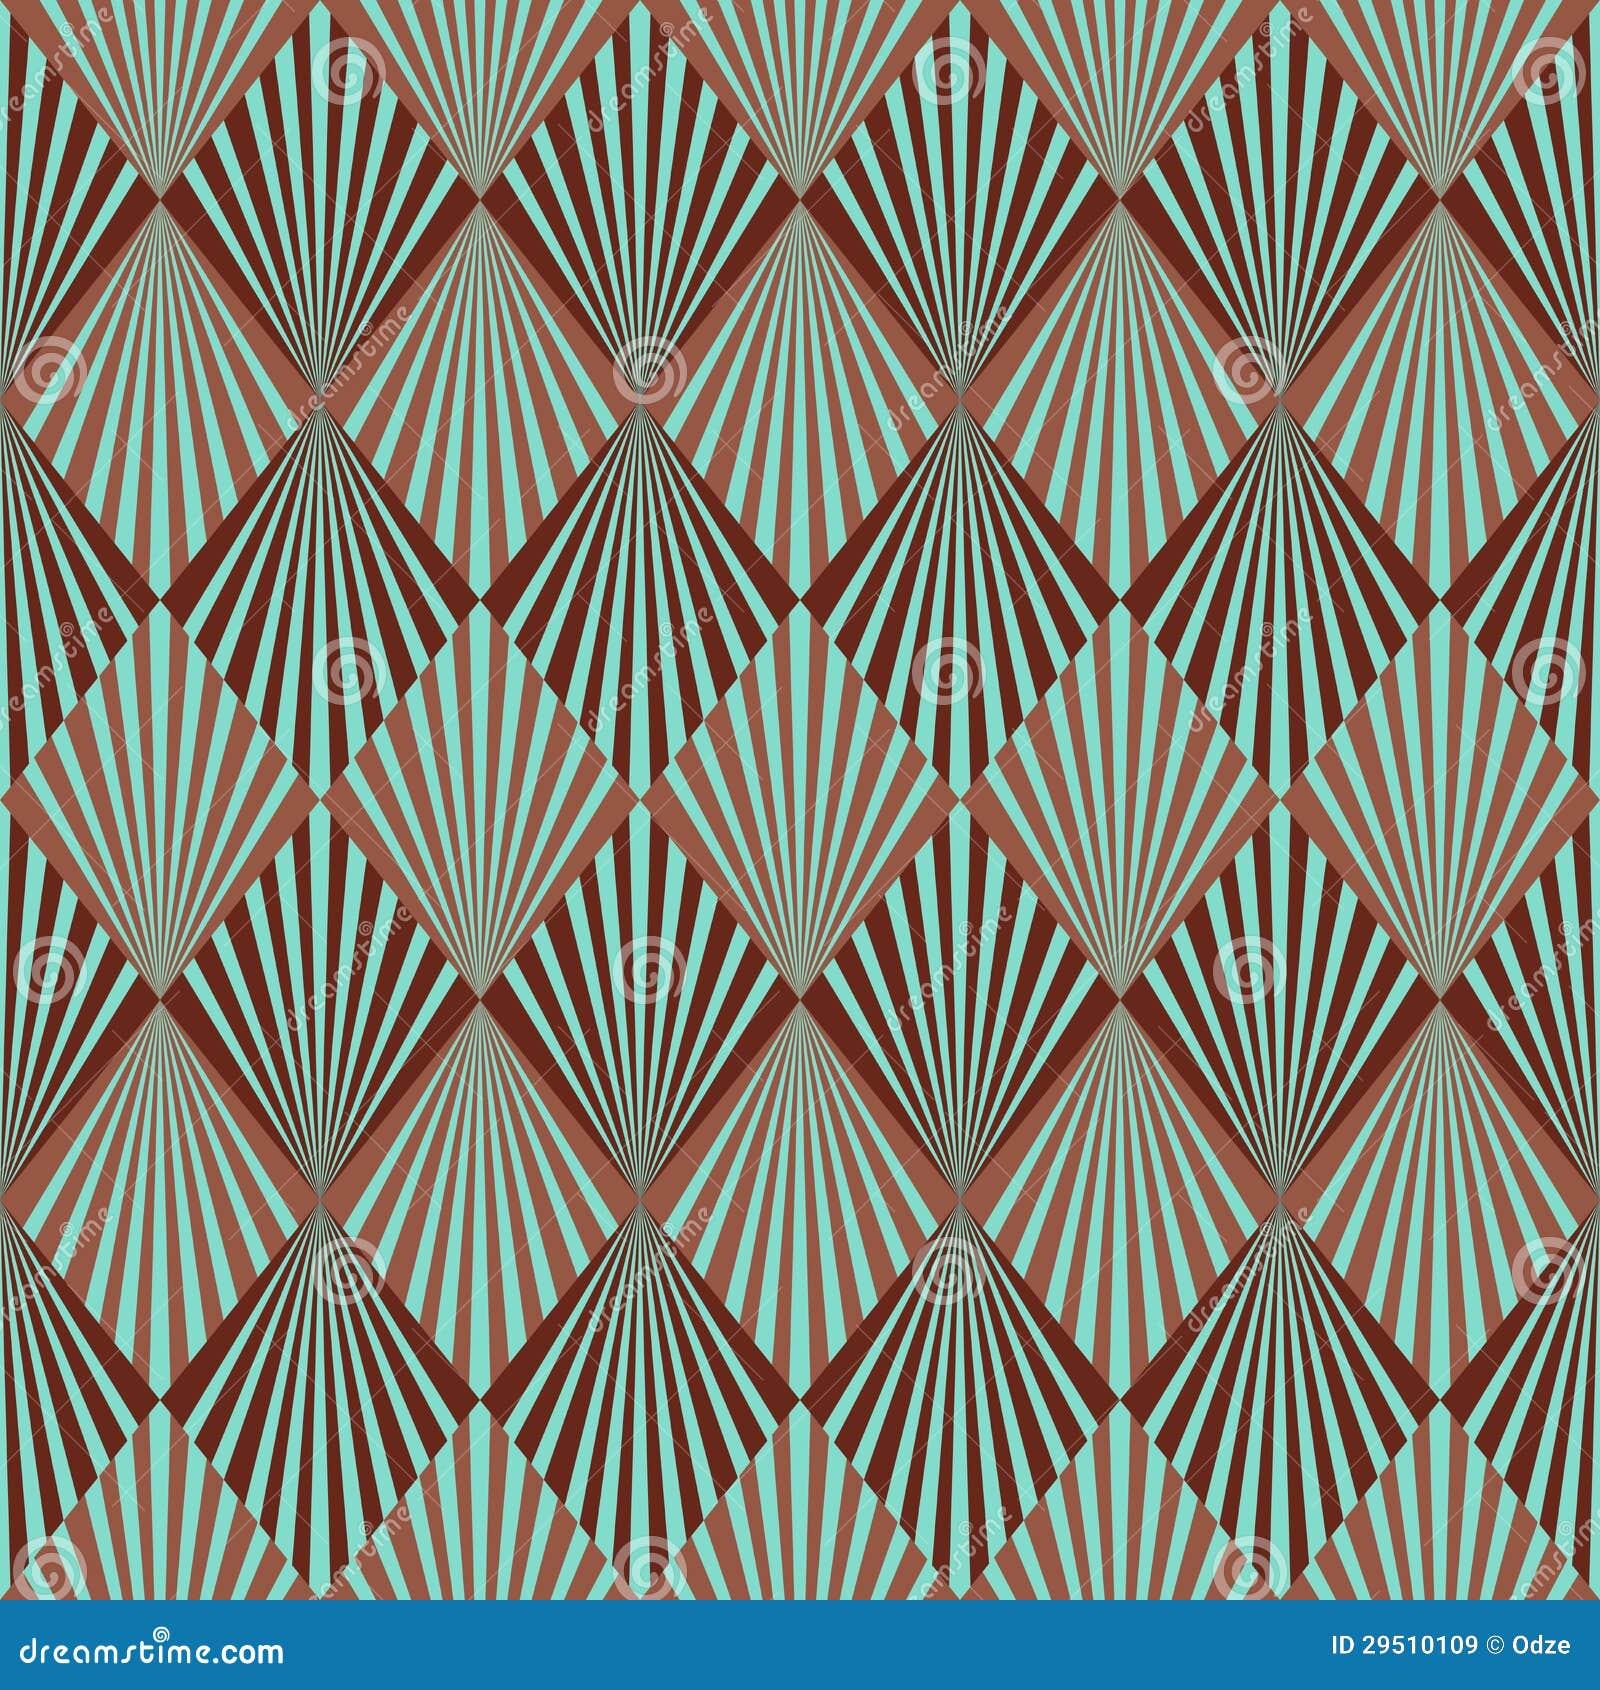 Configuration D 39 Art D Co Images Libres De Droits Image